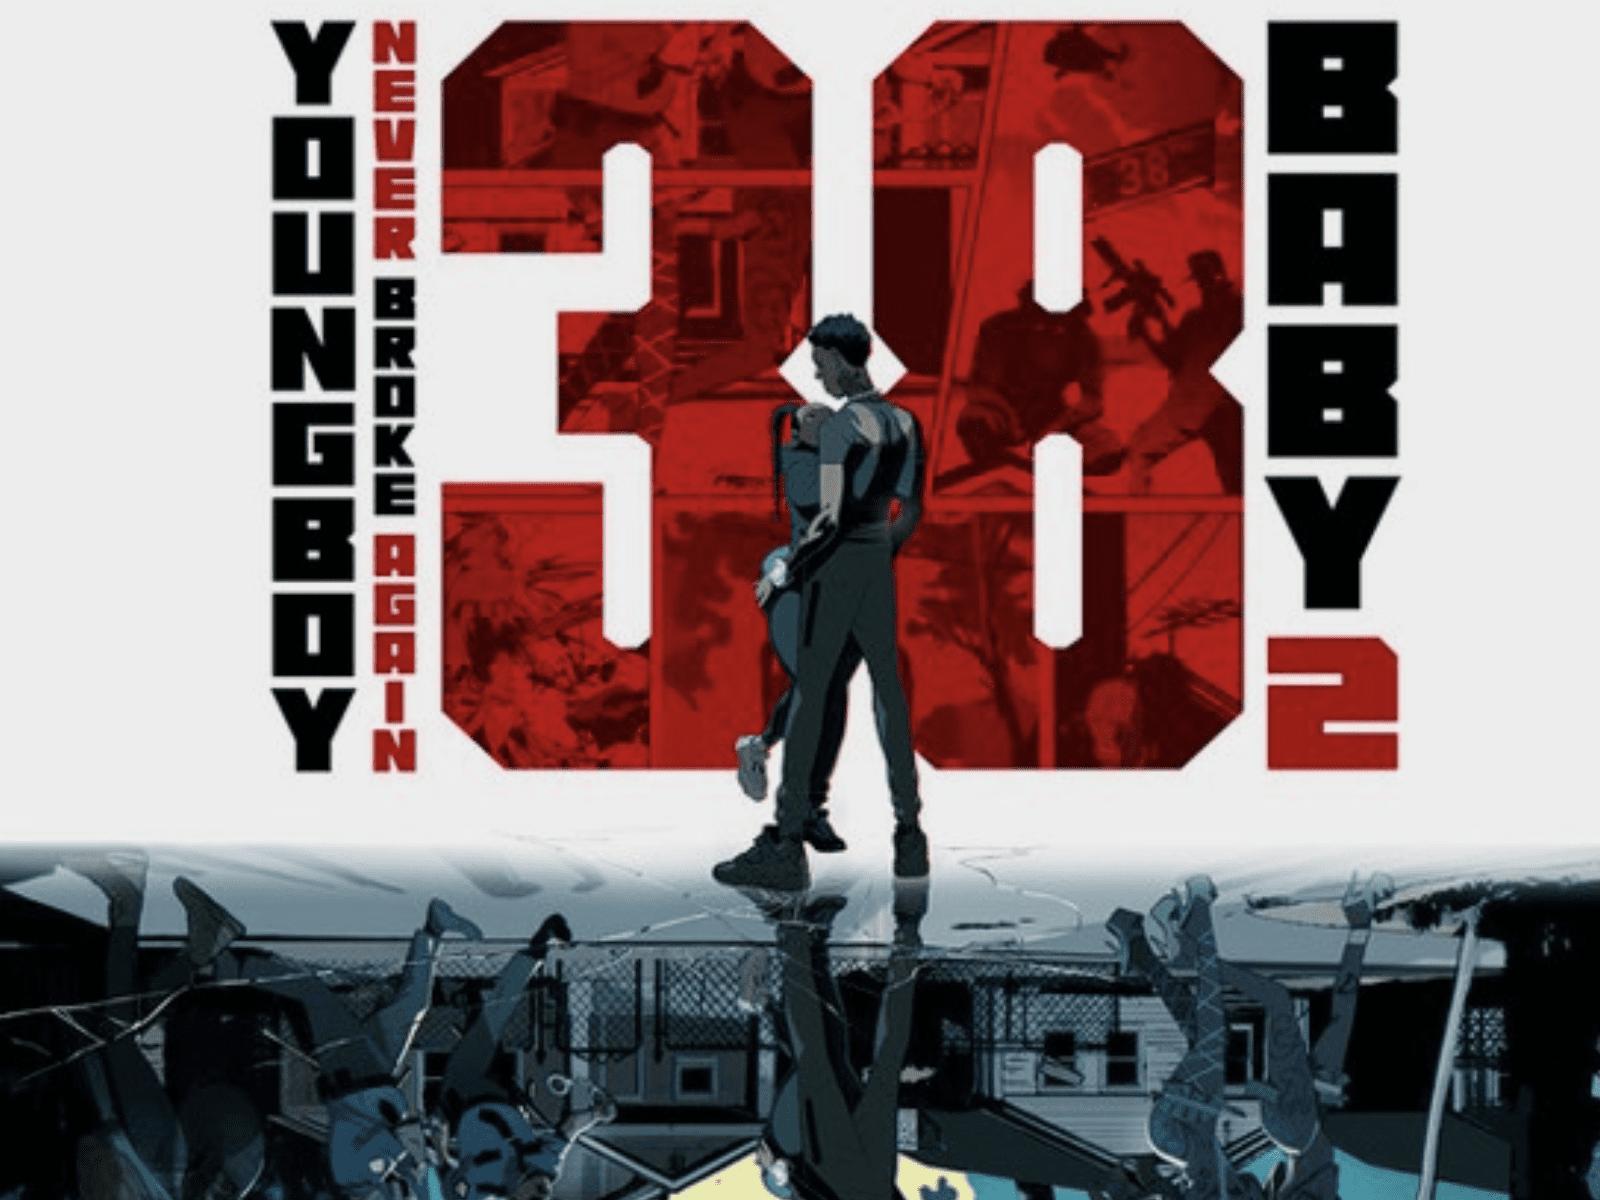 NBA YoungBoy 38 Baby 2 Album